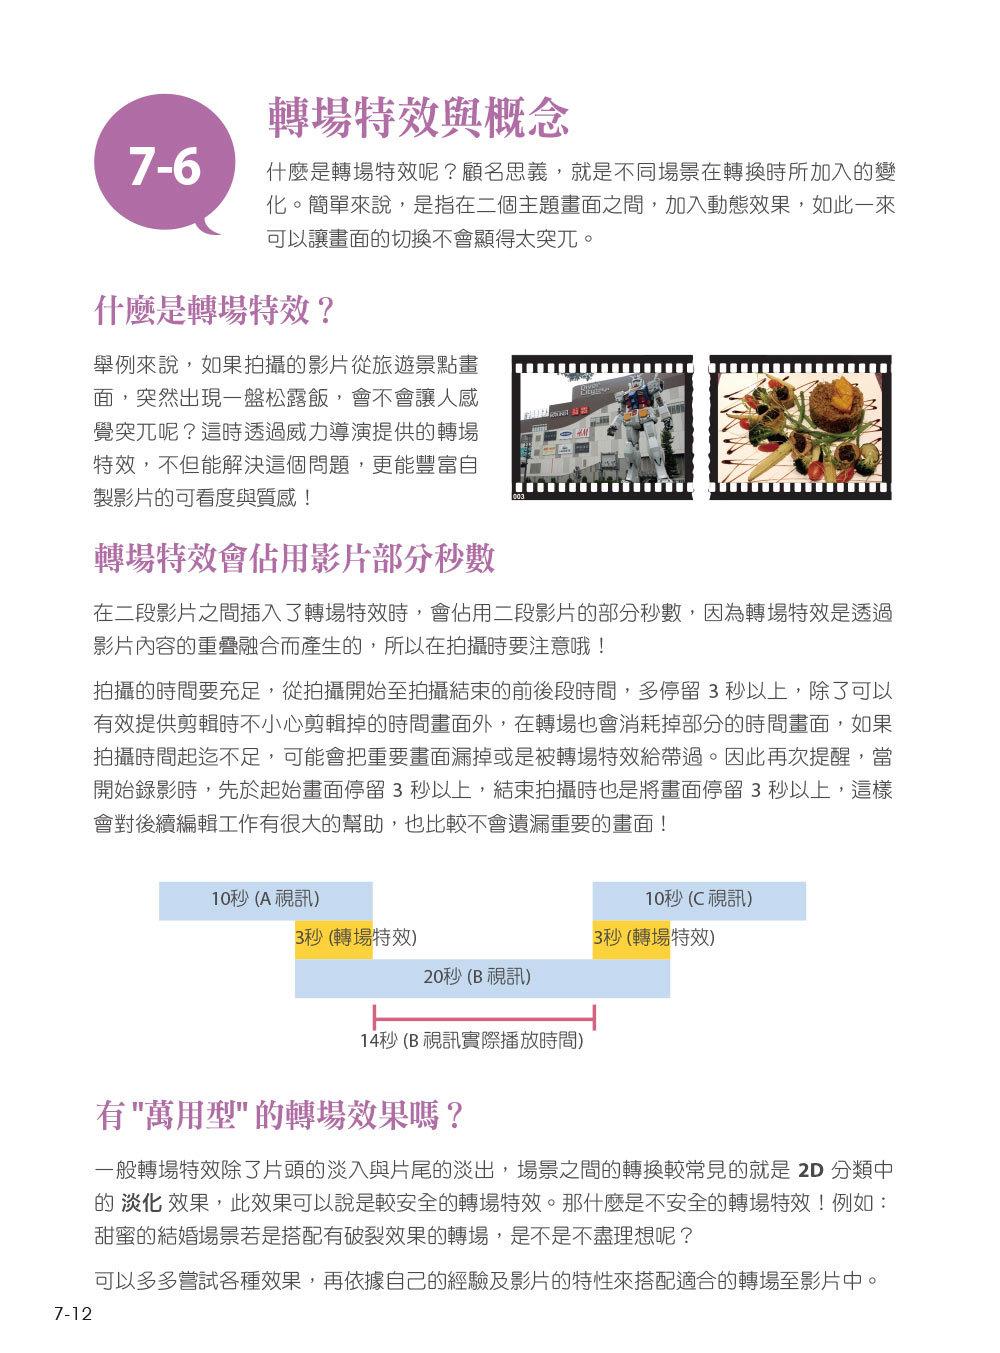 快快樂樂學威力導演15 - 影片/MV剪輯活用情報特蒐-preview-6